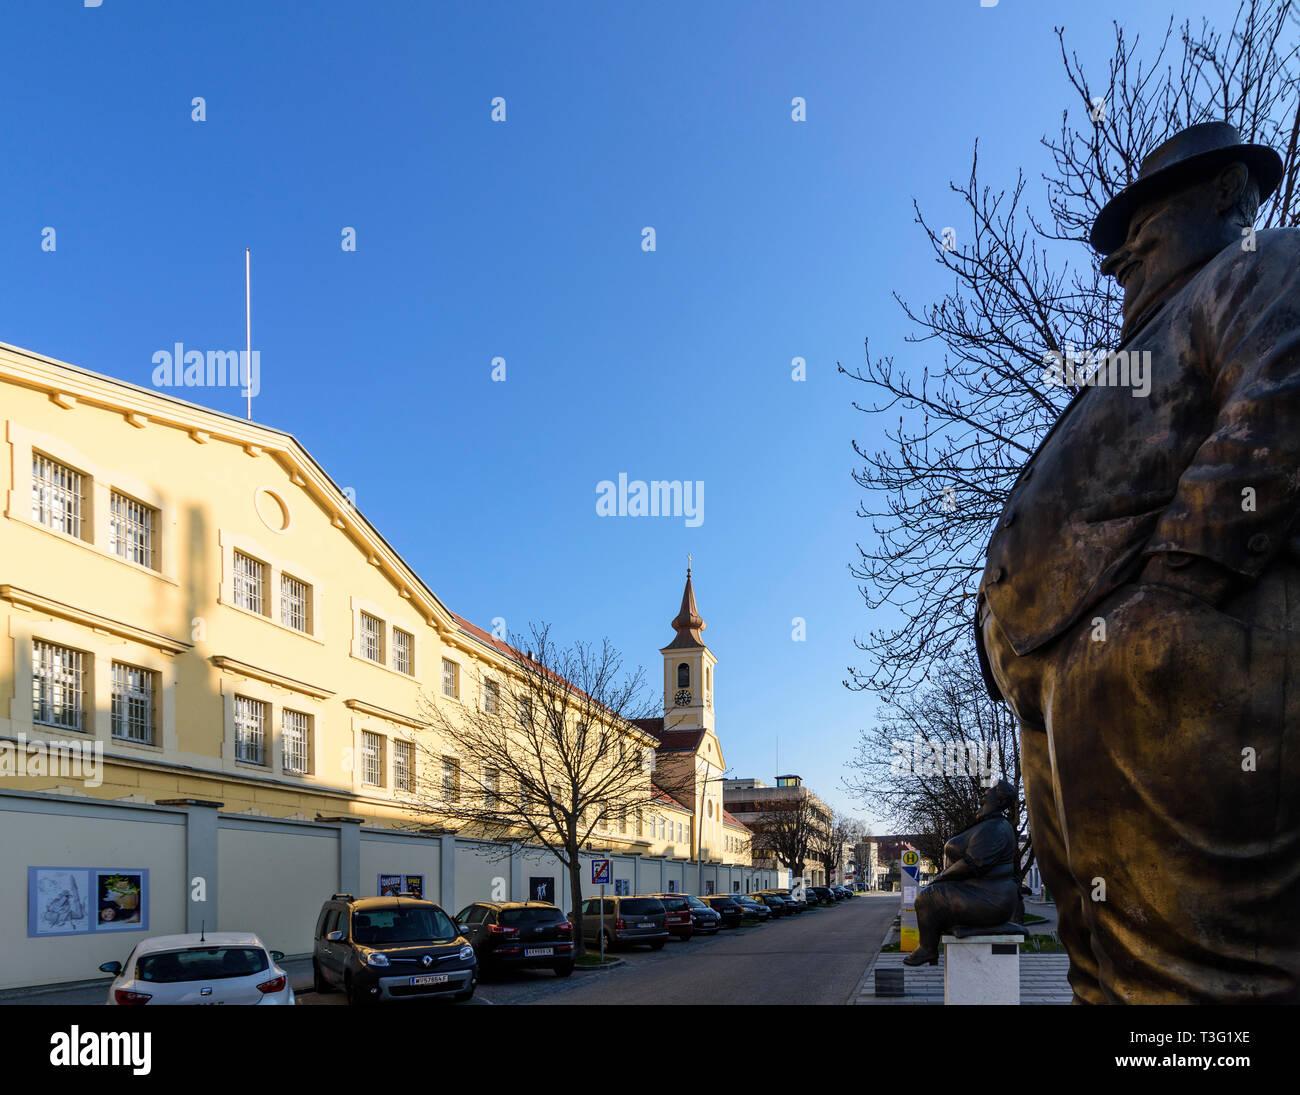 Krems an der Donau: Justizanstalt Stein (Gefängnis), Statuen vor der Cartoon Museum (karikaturmuseum) in der Wachau, Niederösterreich, Niederösterreich, Aust Stockfoto